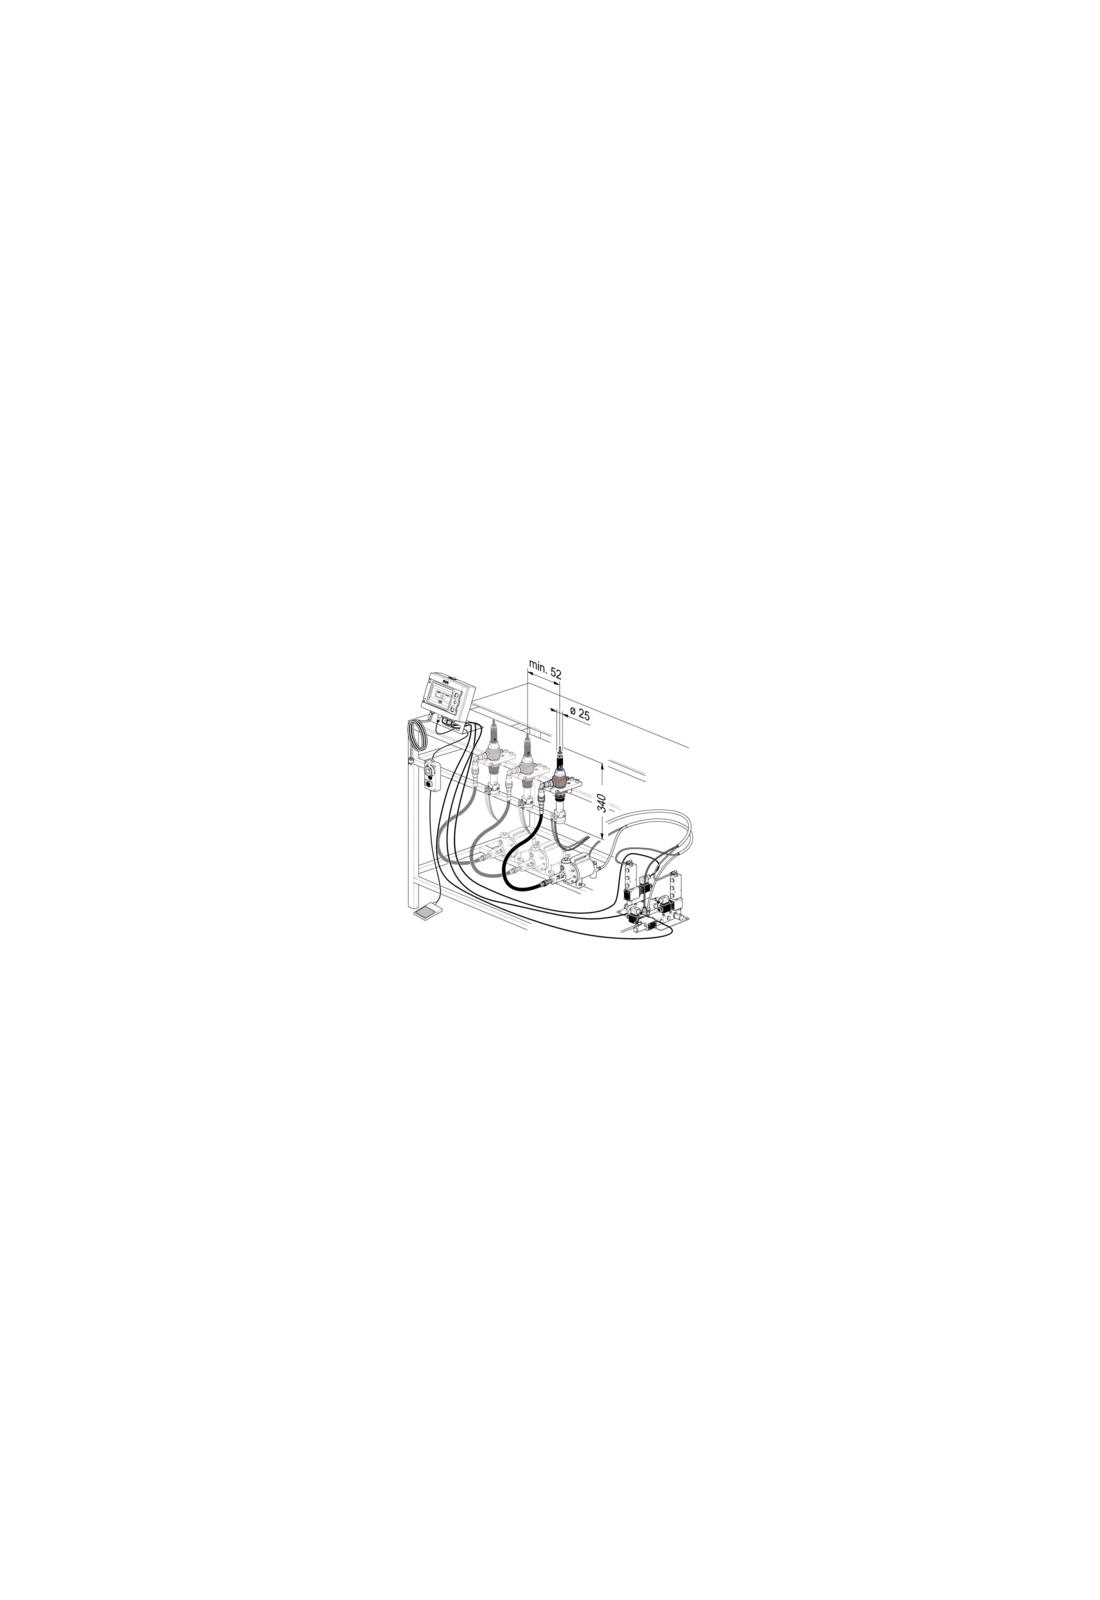 Części do nitownicy UBIE